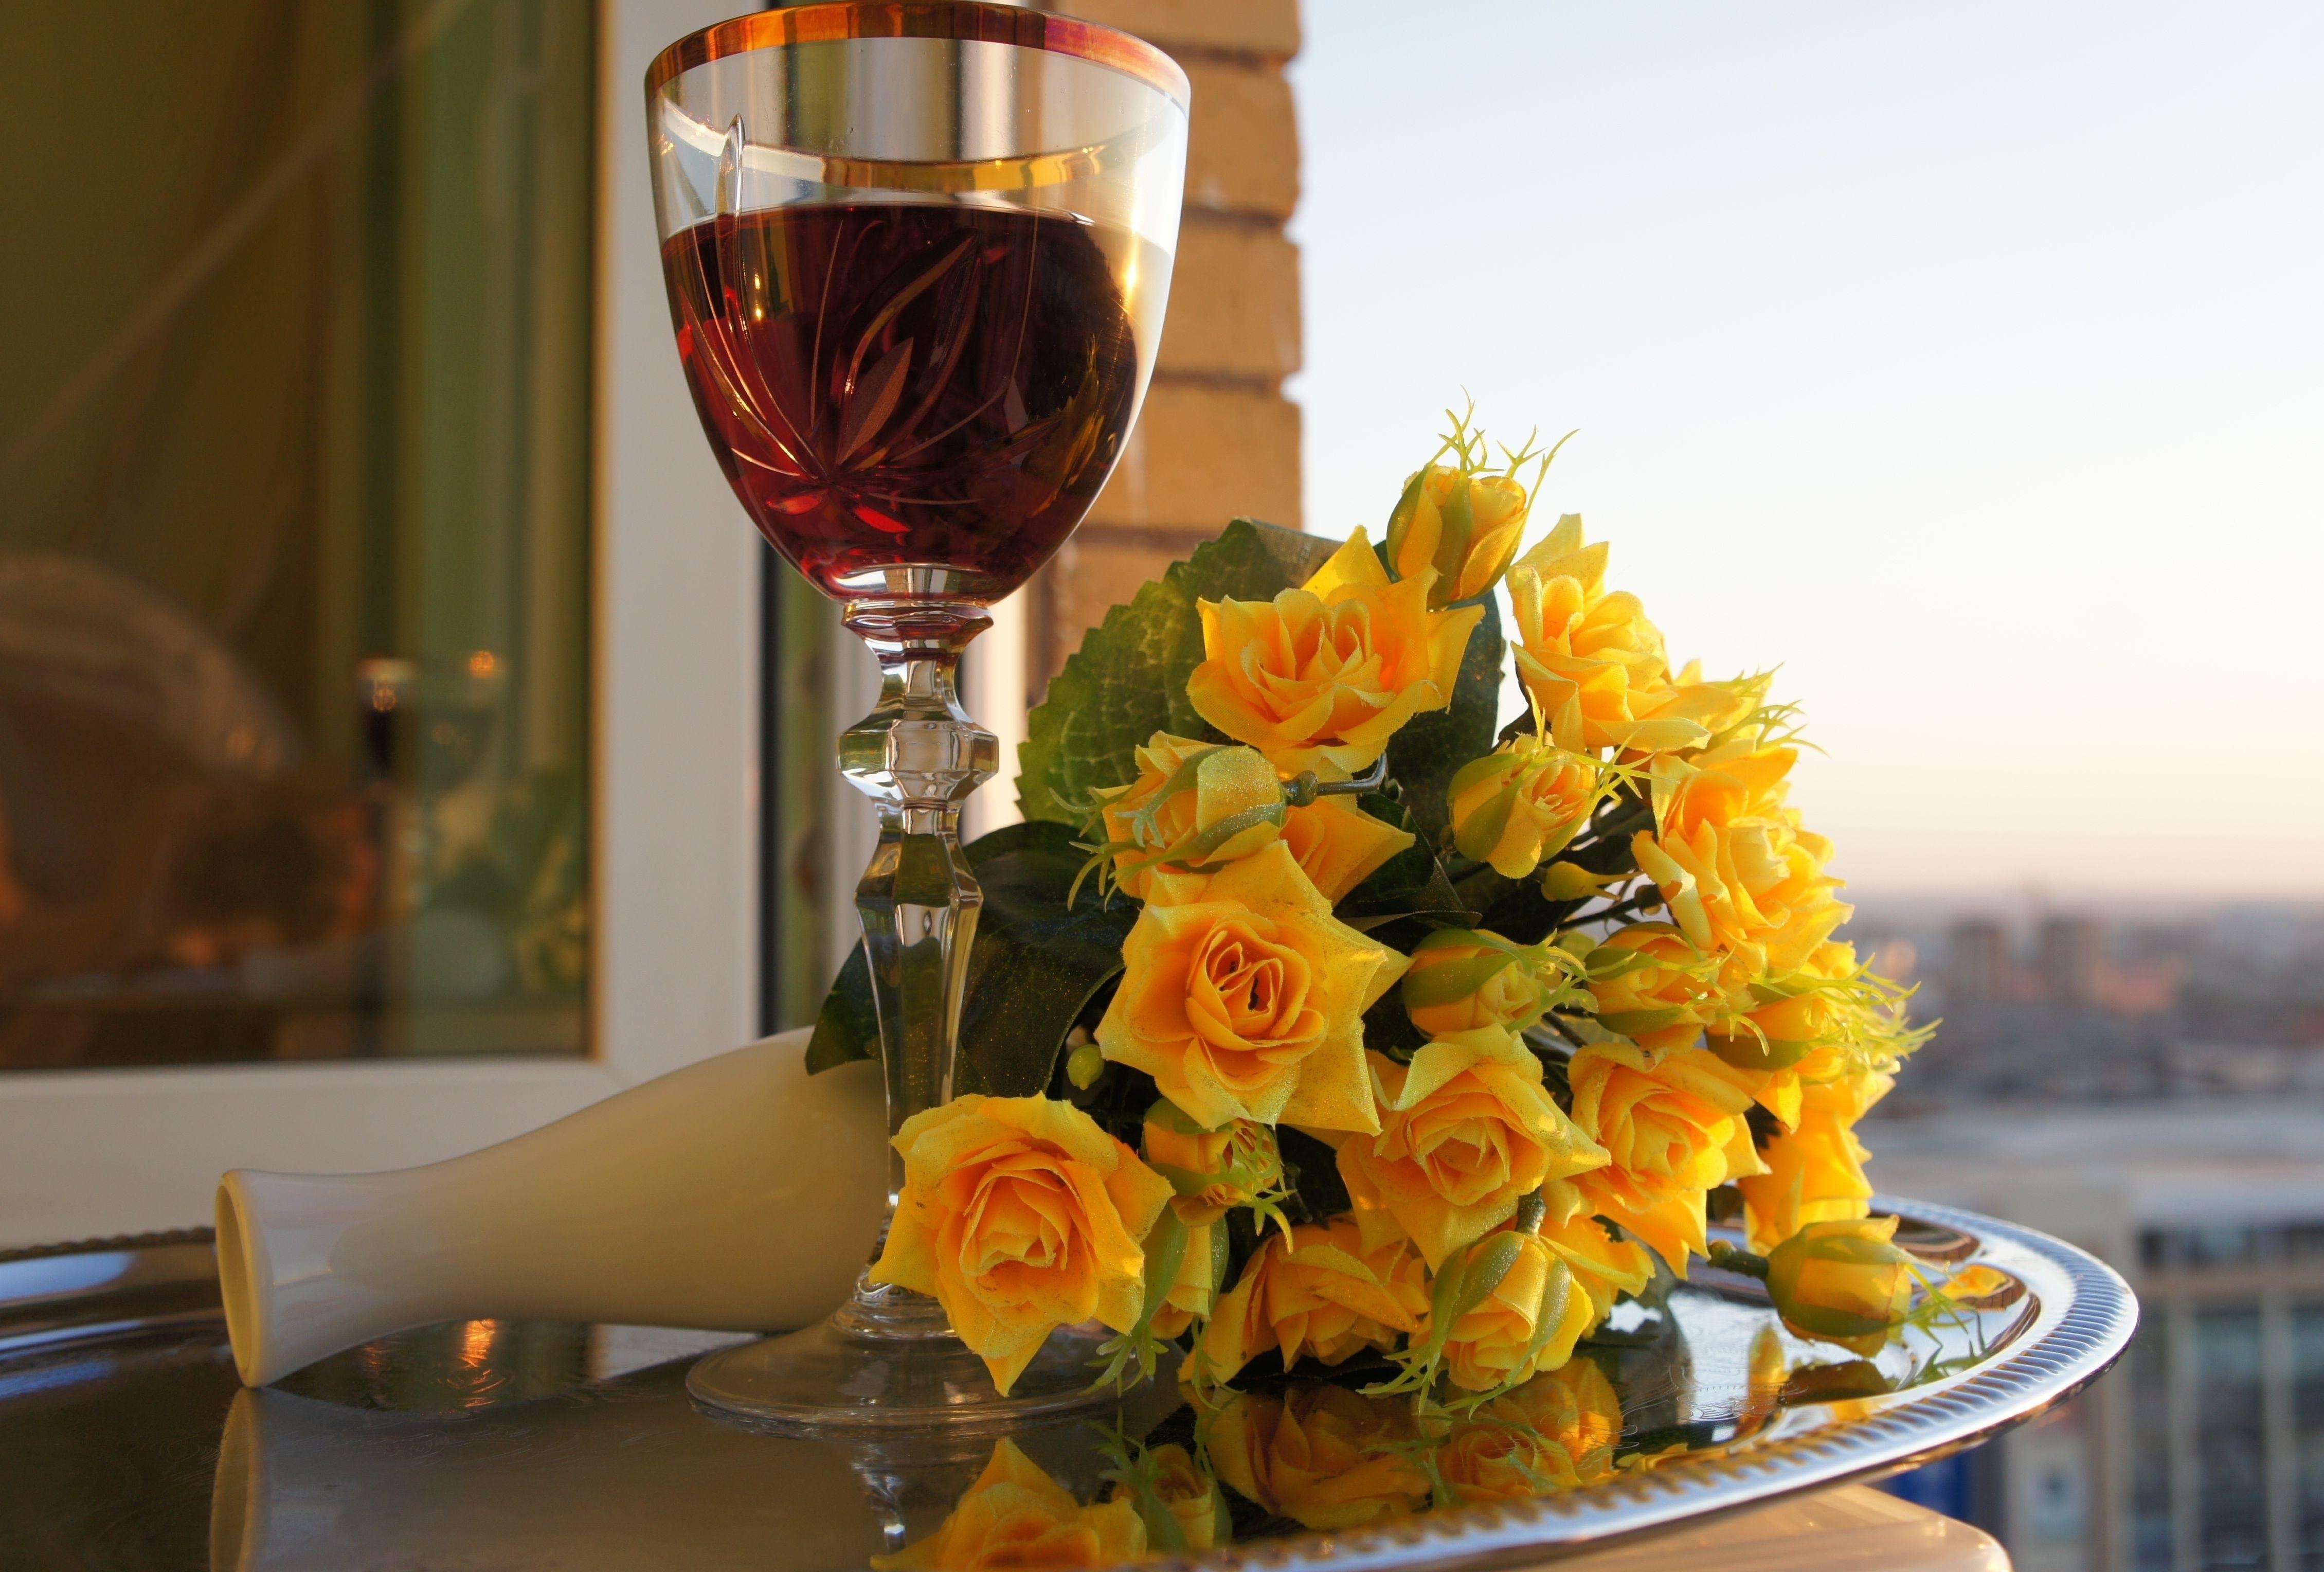 красивые картинки вино и роза на столе крыльцо металла